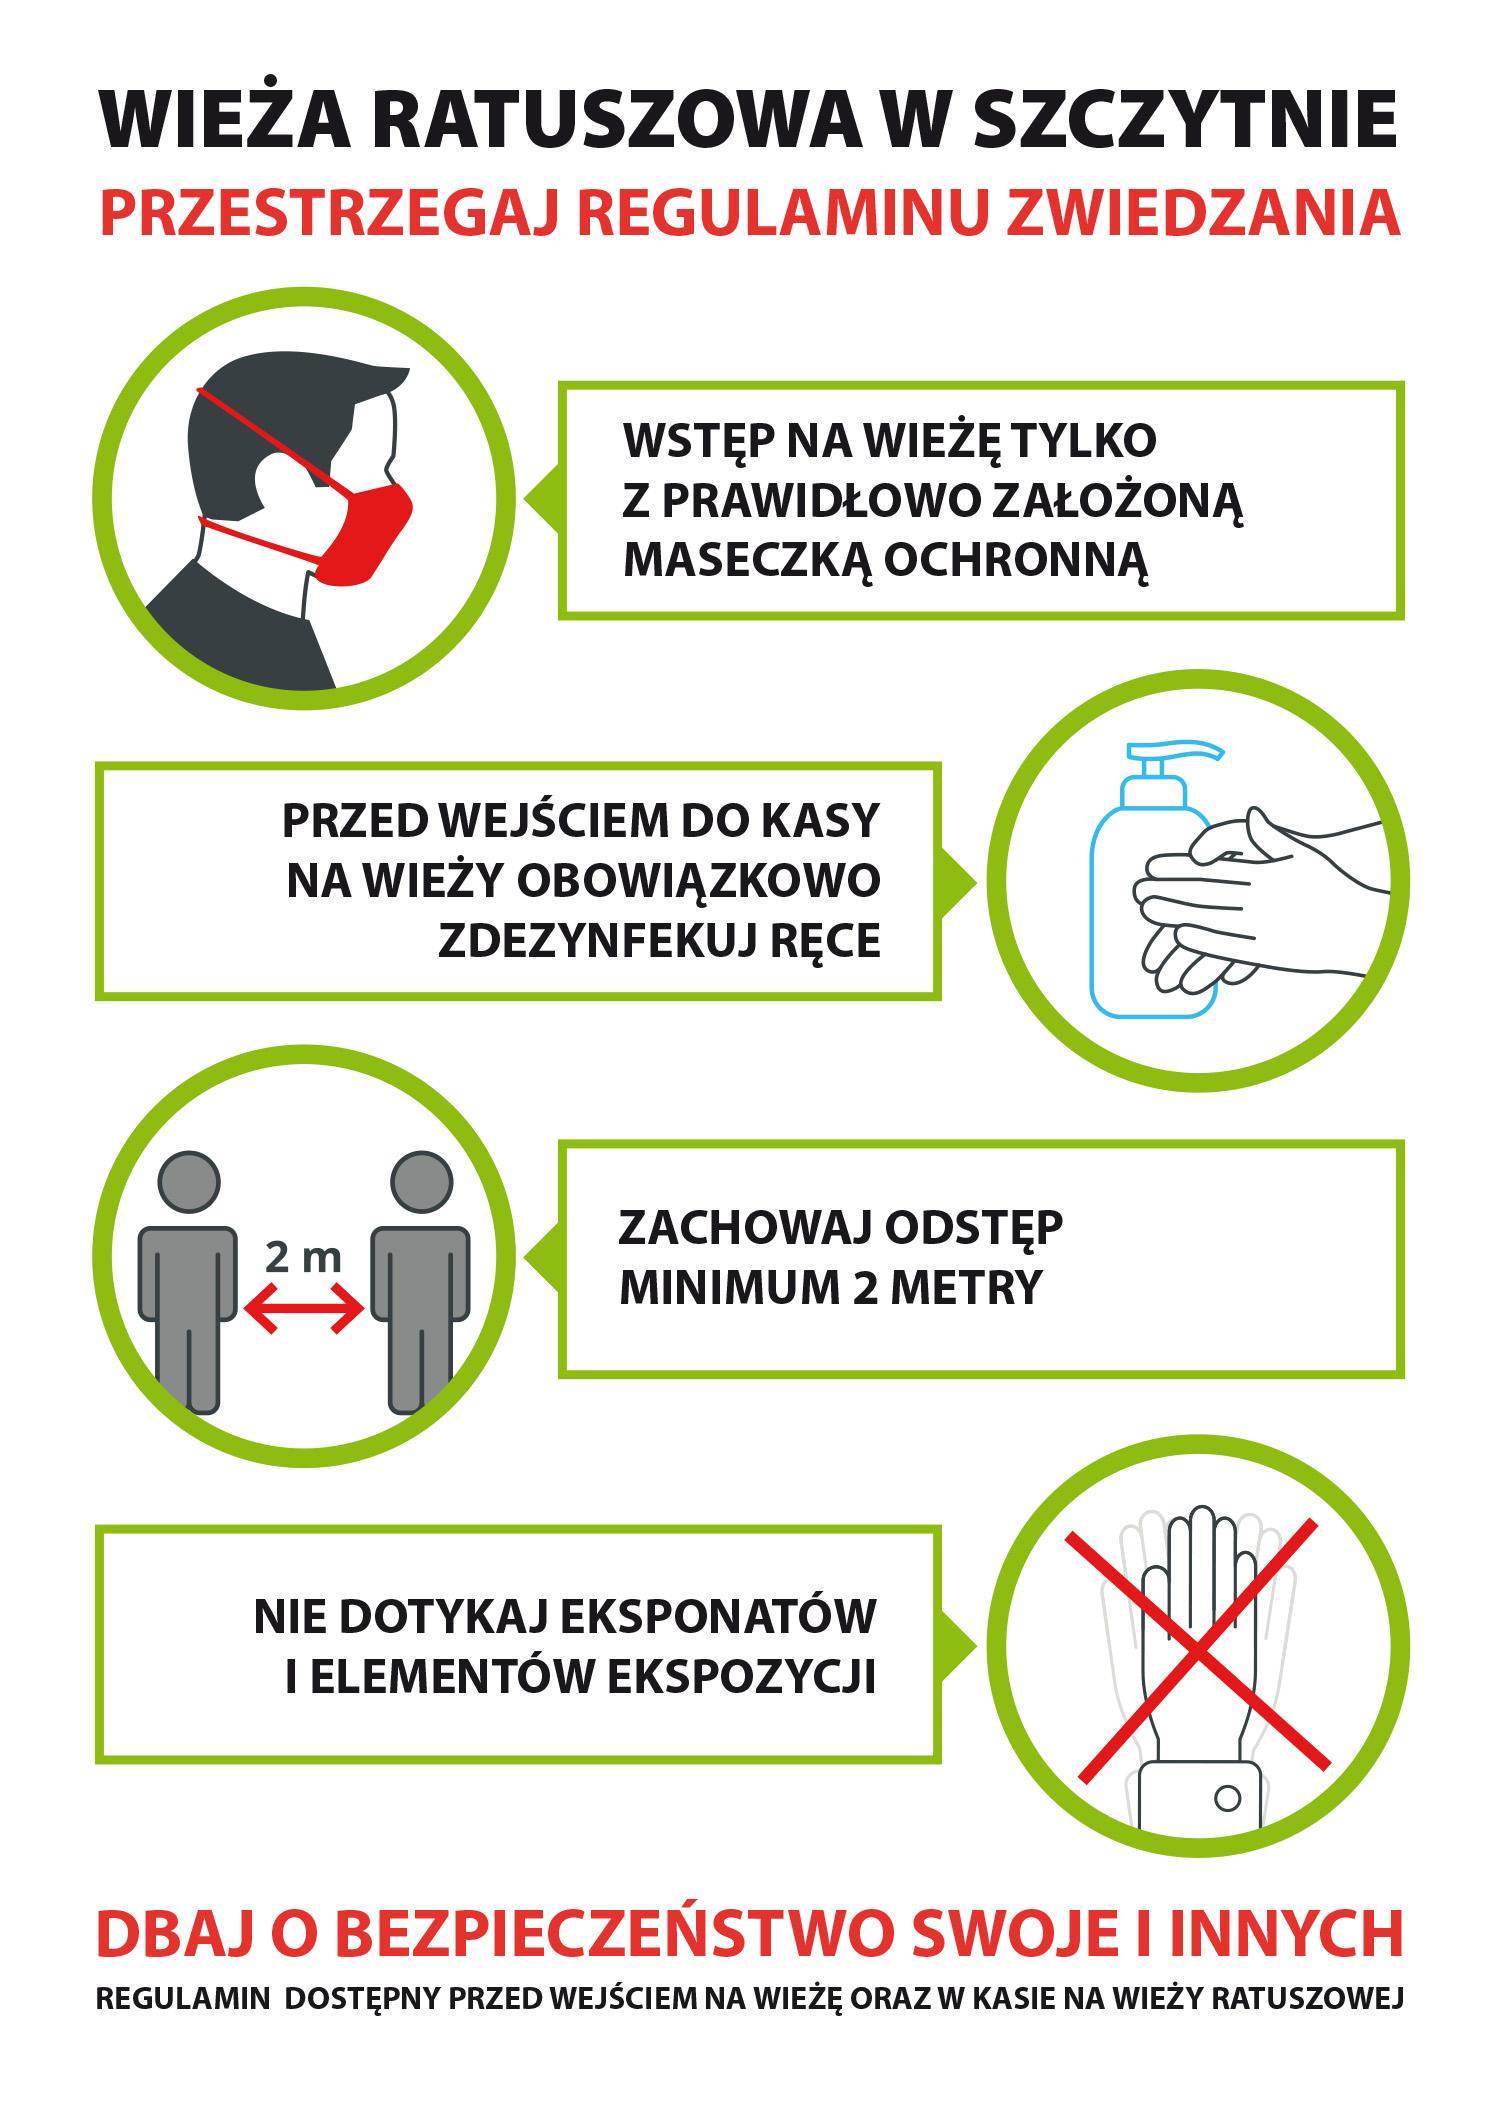 https://m.powiatszczycienski.pl/2020/06/orig/wieza-regulamin-grafika-2020-32778.jpg